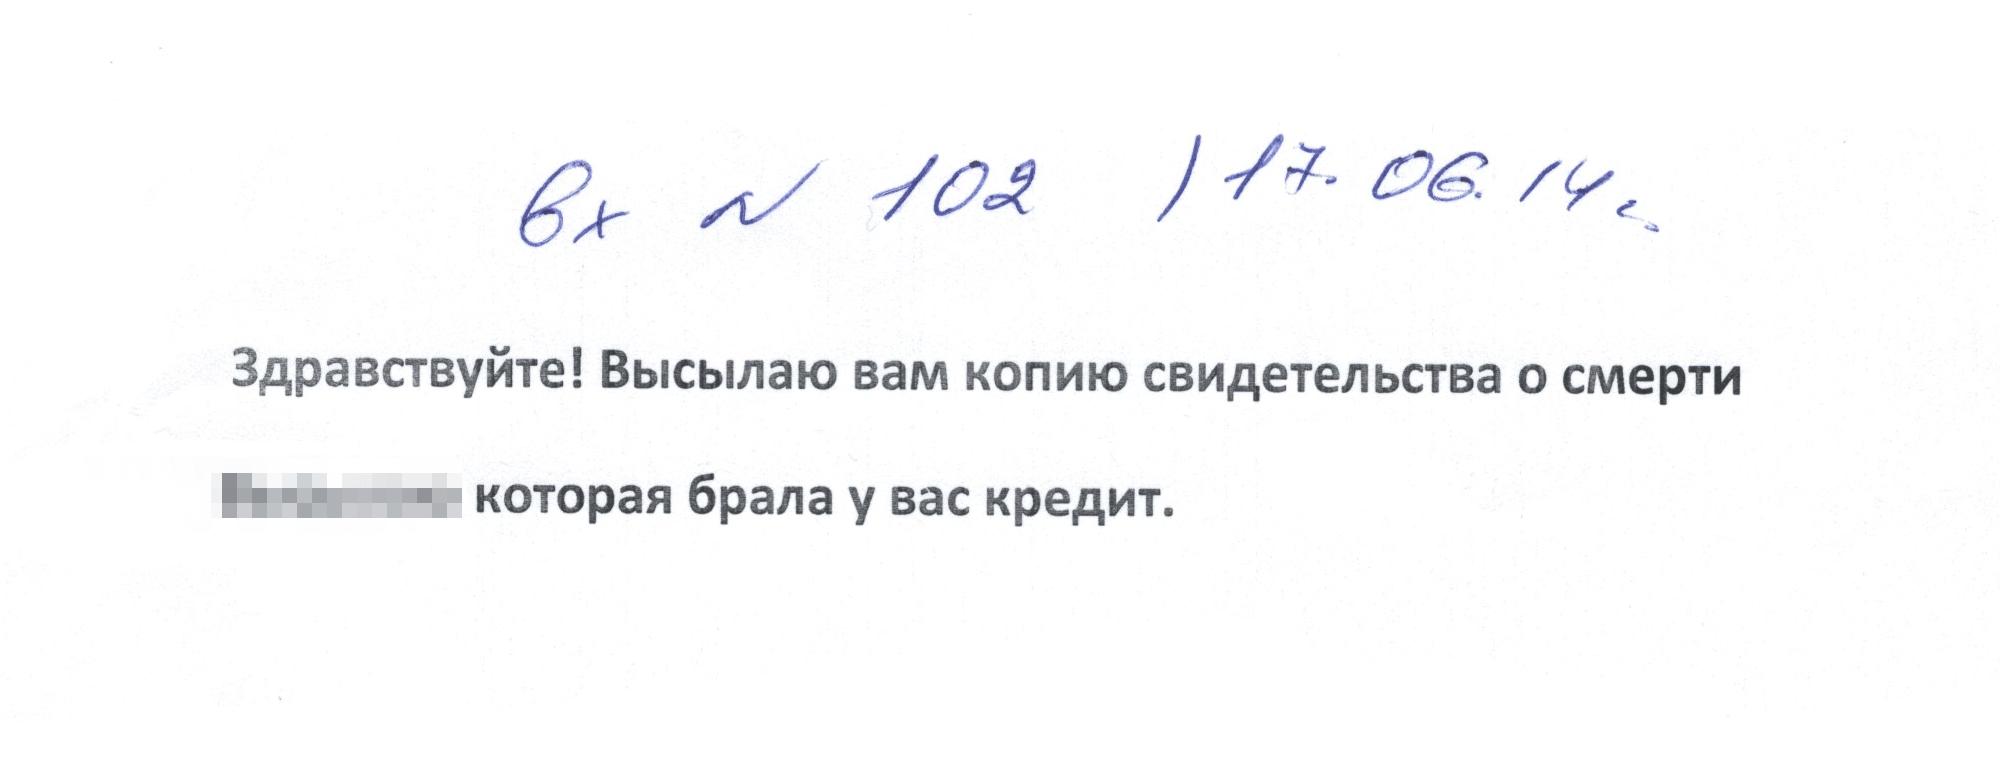 Сопроводительная записка к письму